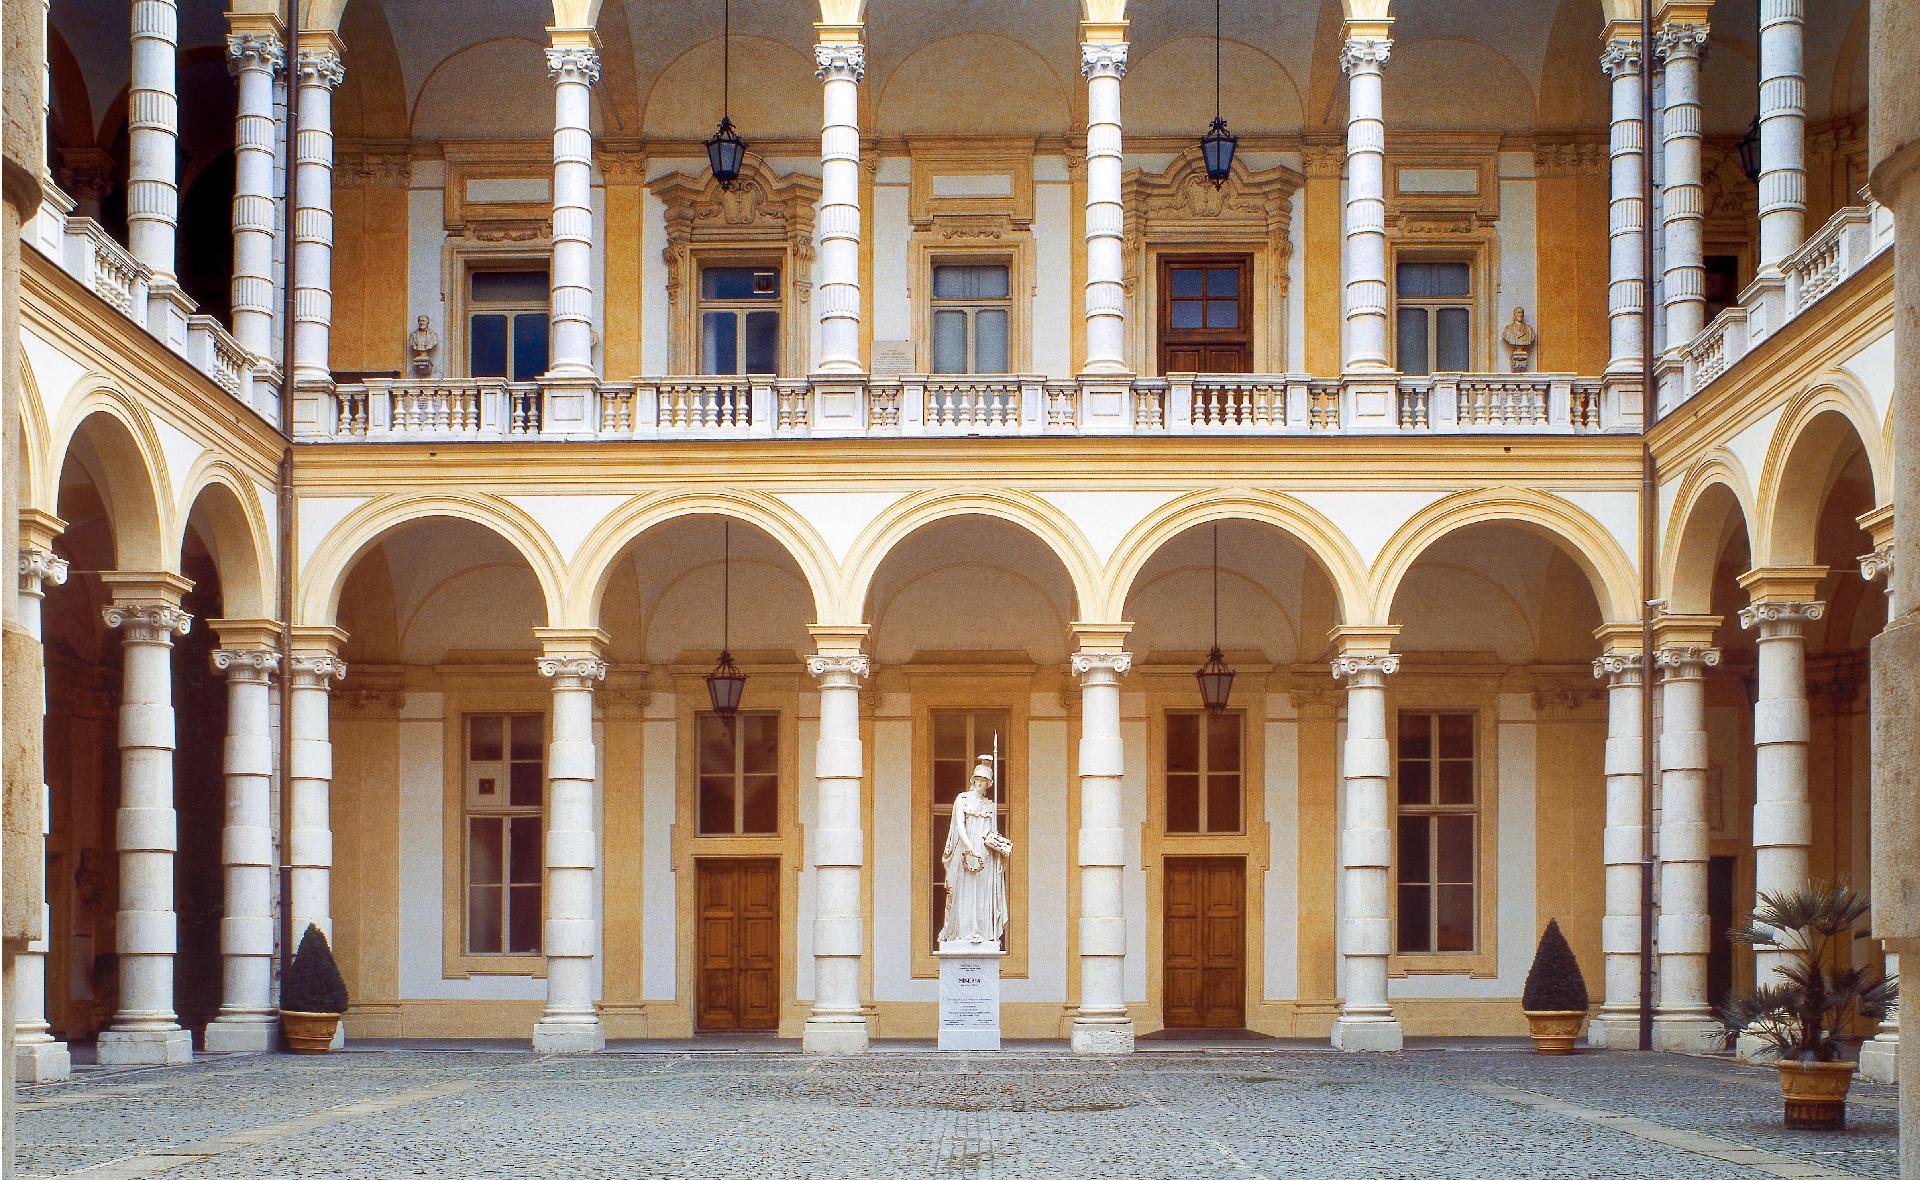 Università degli Studi di Torino, Politecnico di Torino